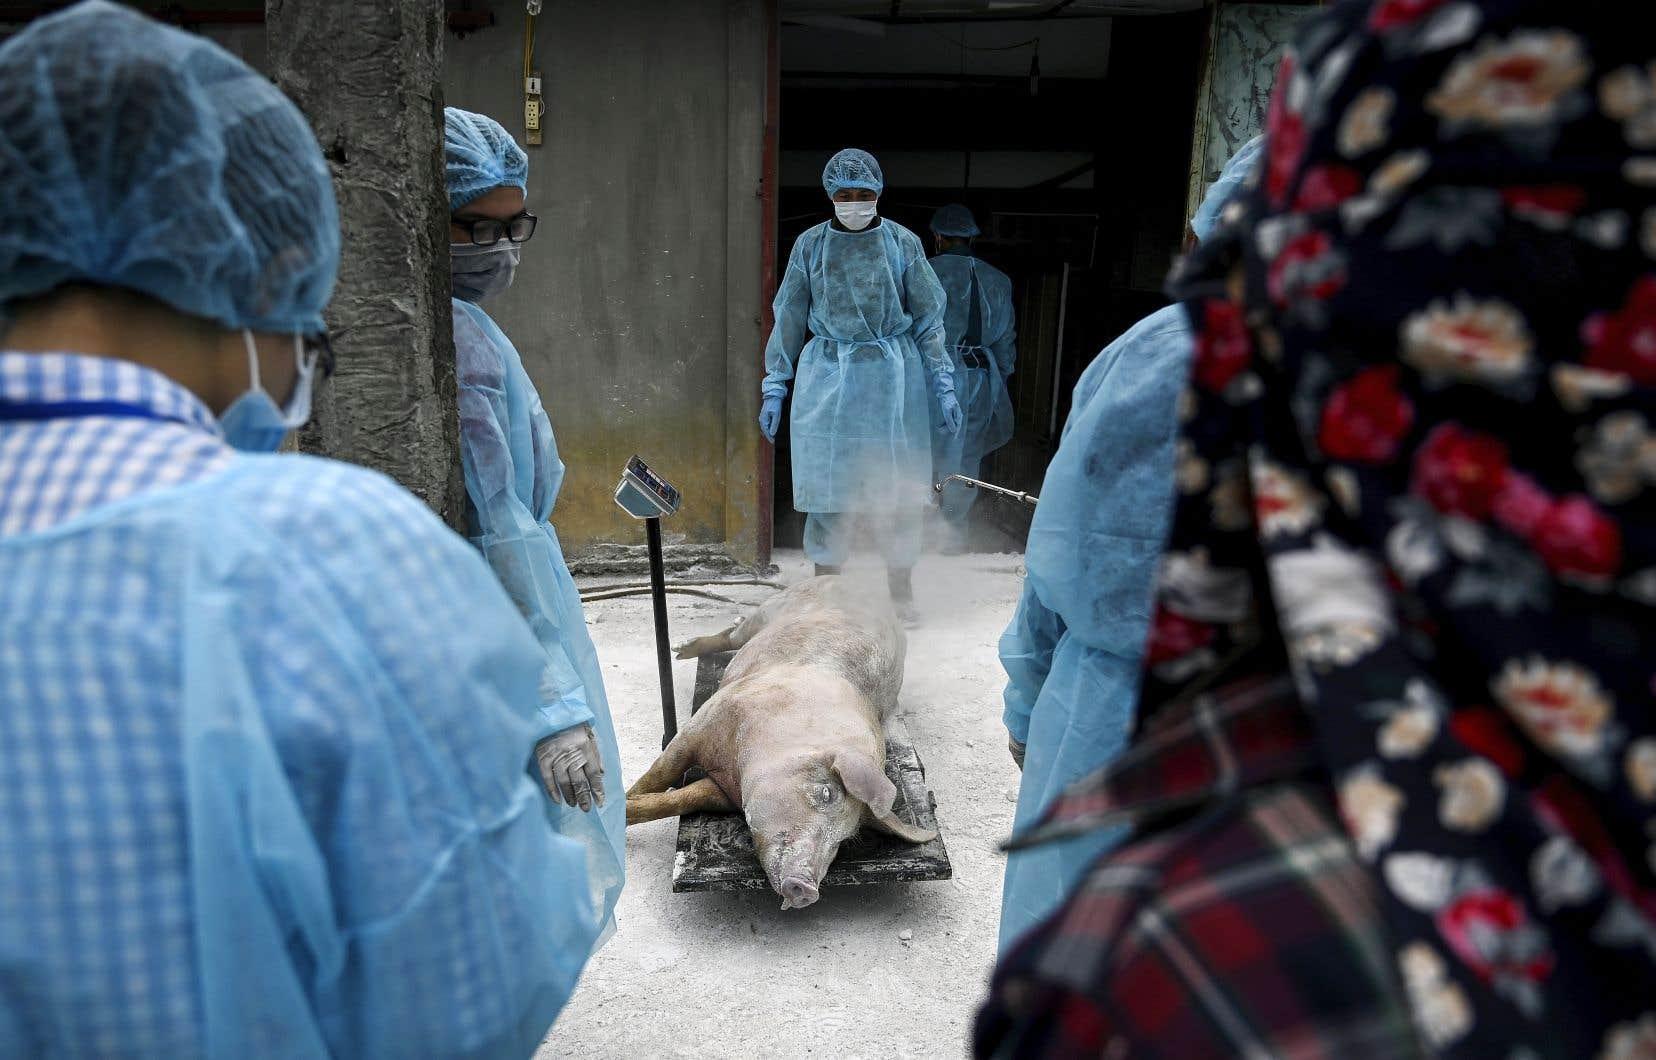 Des vétérinaires pesant un cadavre de porc à Hanoï, au Vietnam, en mai dernier. La peste porcine africaine fait des ravages en Chine et ailleurs en Asie depuis plus d'un an.